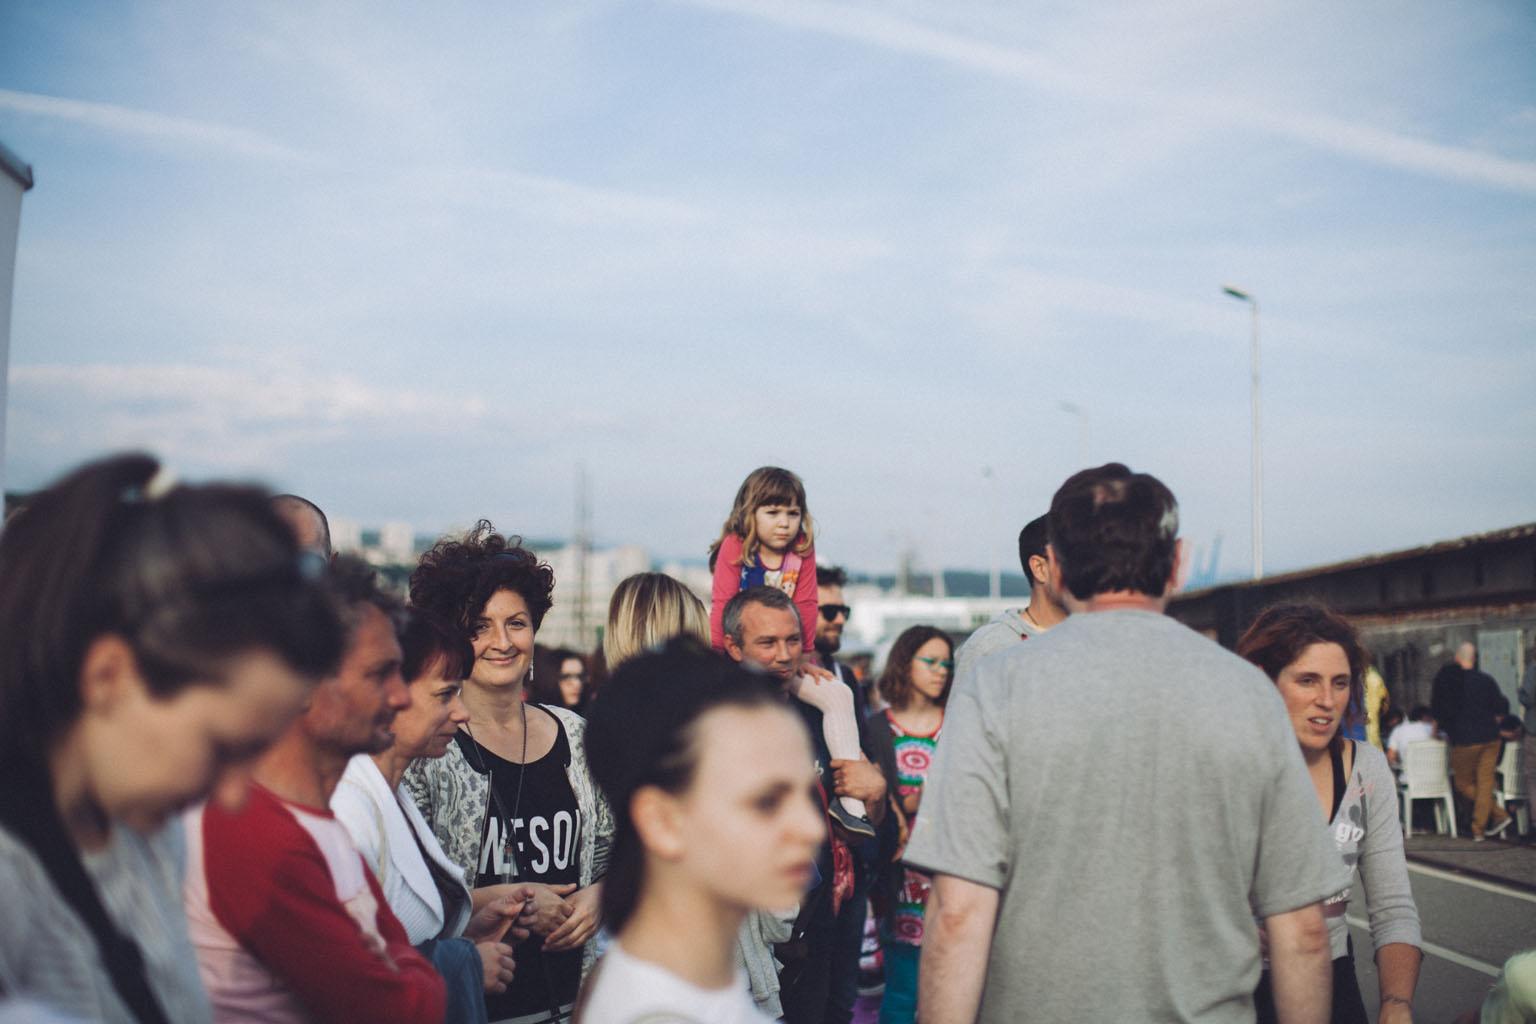 Gledaj (u)druge_Festival (136)